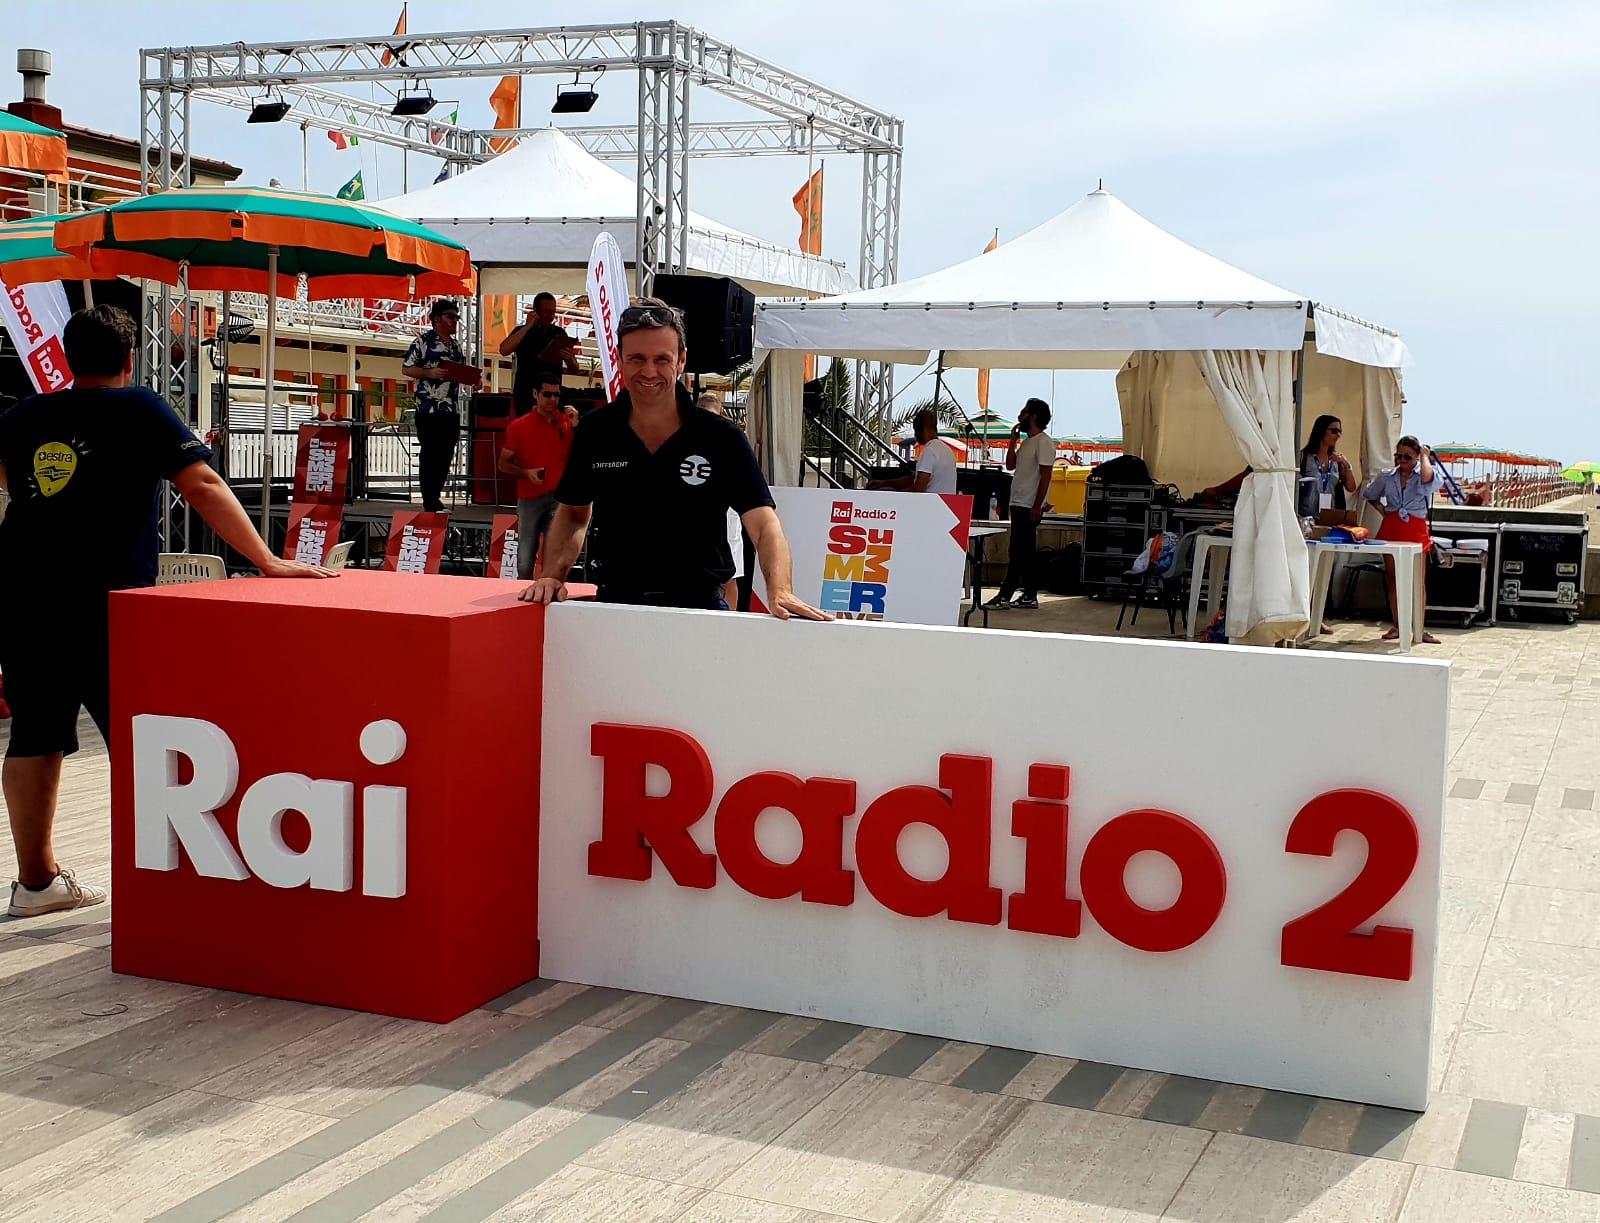 Be Different con RAI Radio 2 per le dirette sulla spiaggia!